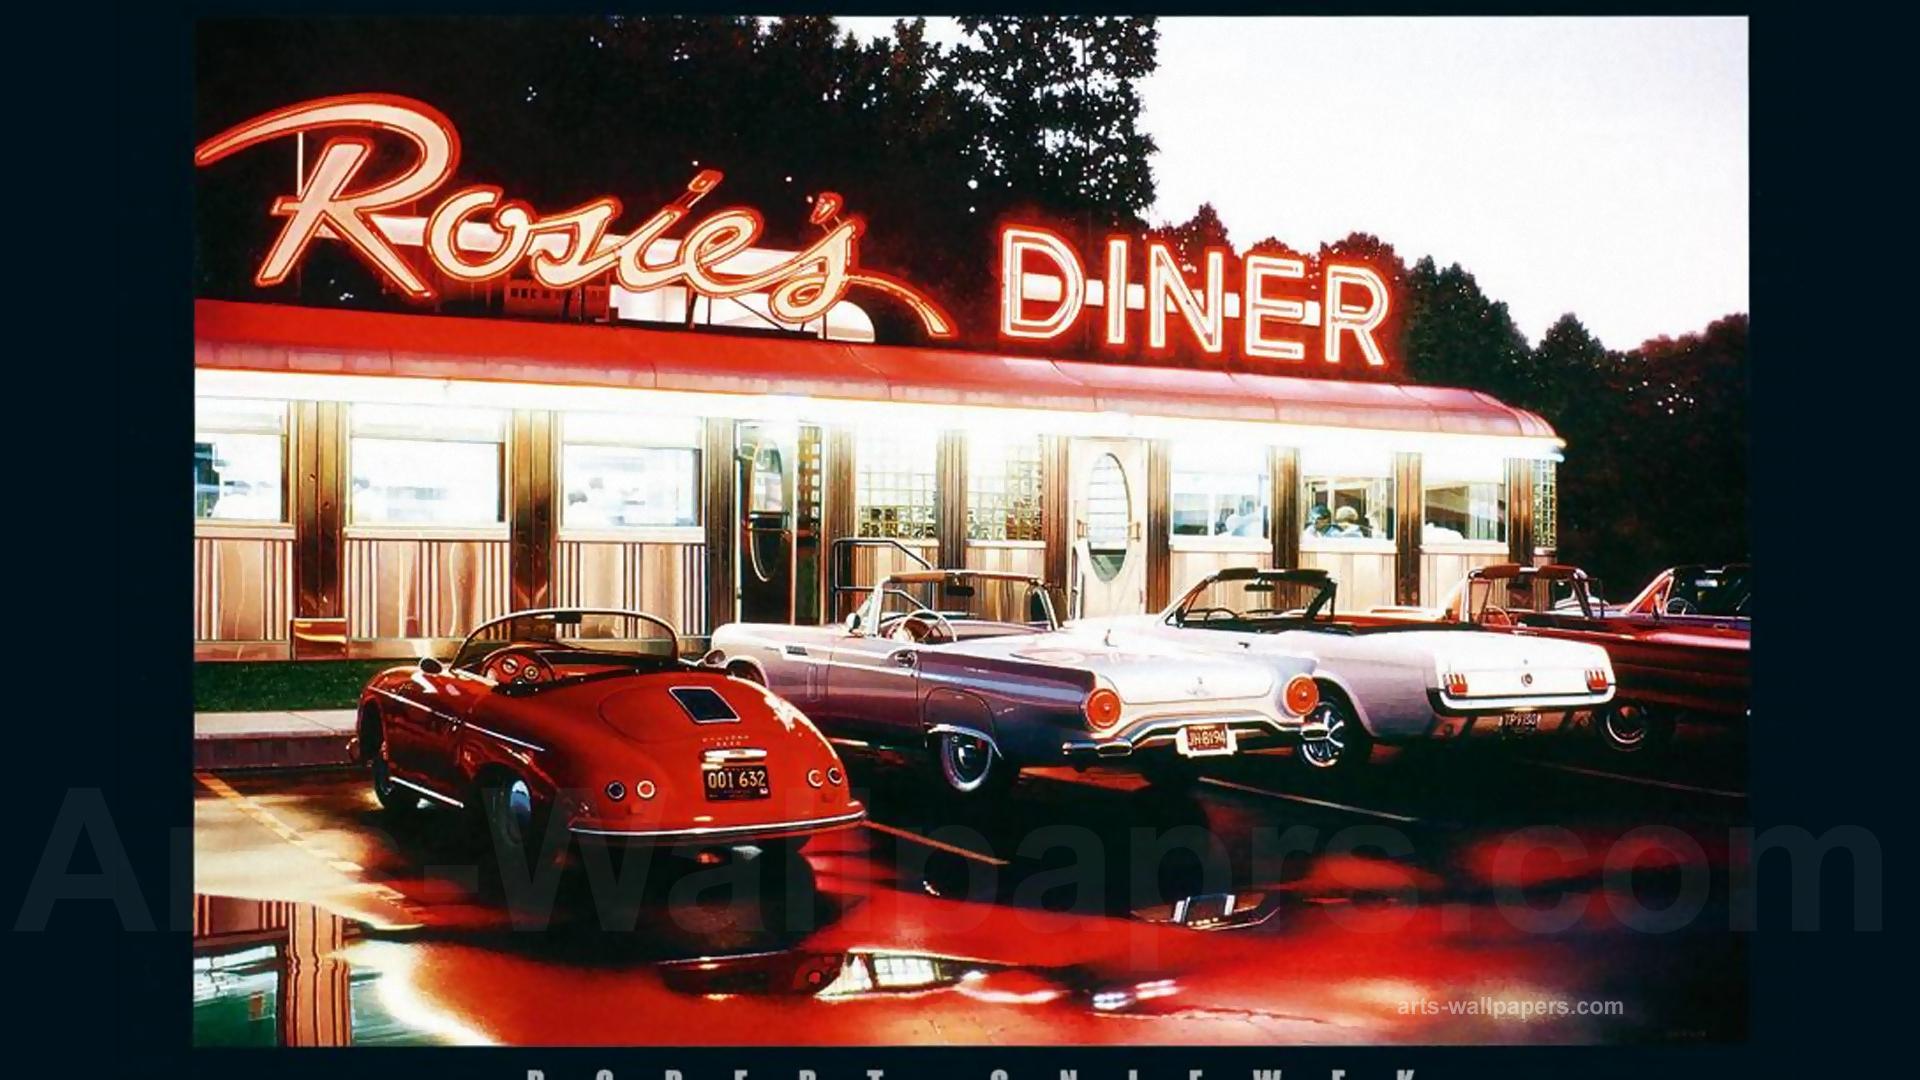 POSTER Rosies Diner Robert Gniewek